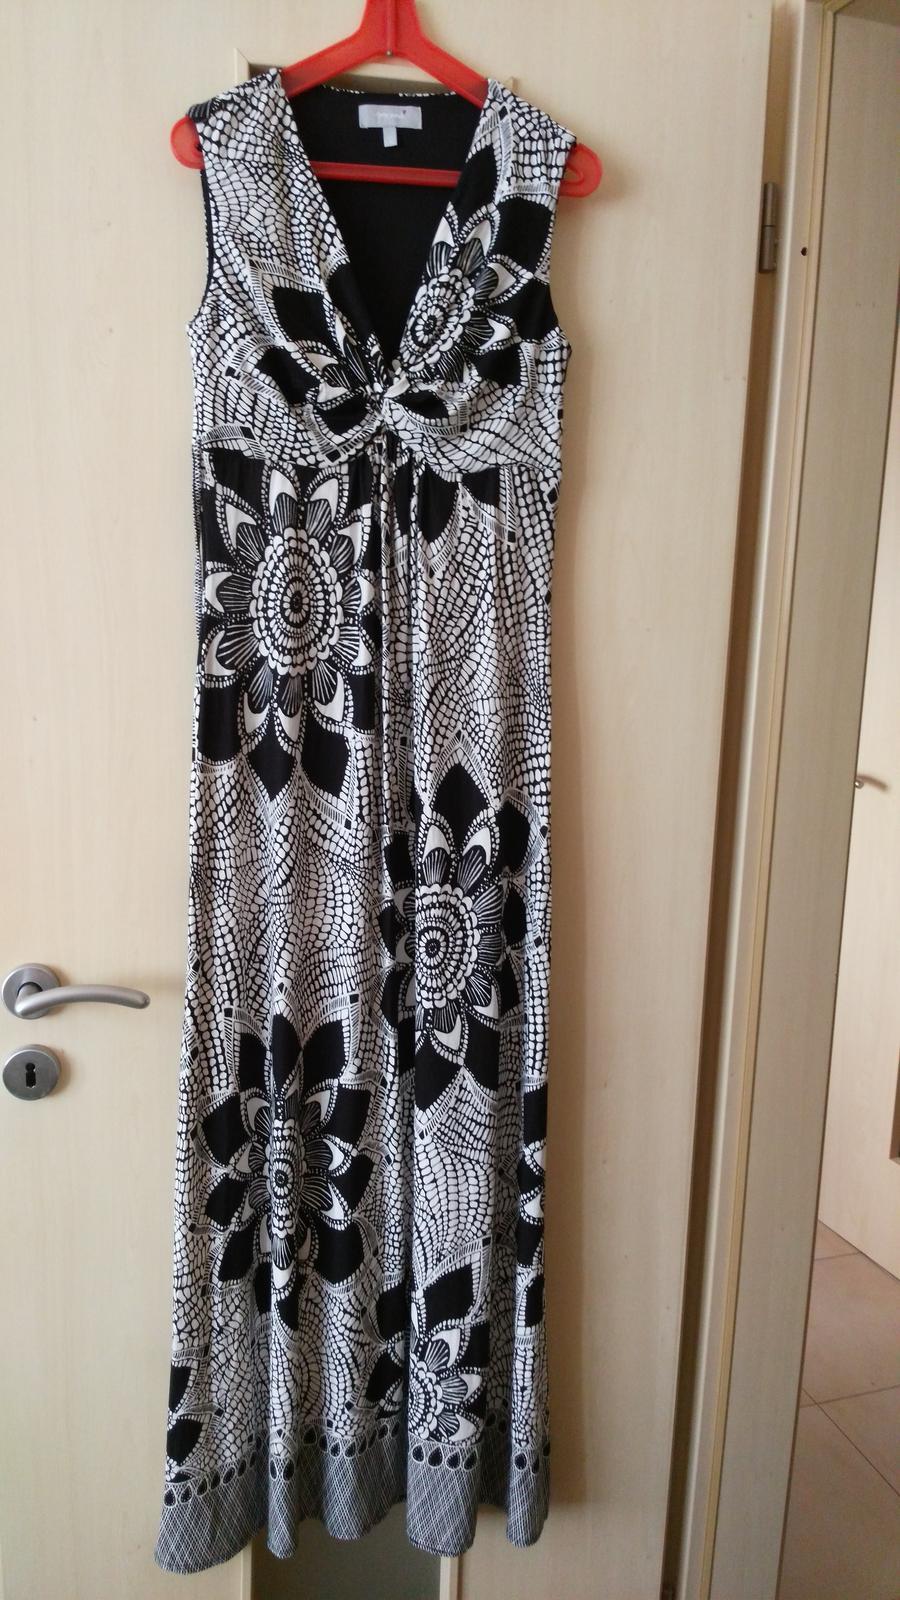 Dlhé čiernobiele šaty 36-38 (S-M) - Obrázok č. 1